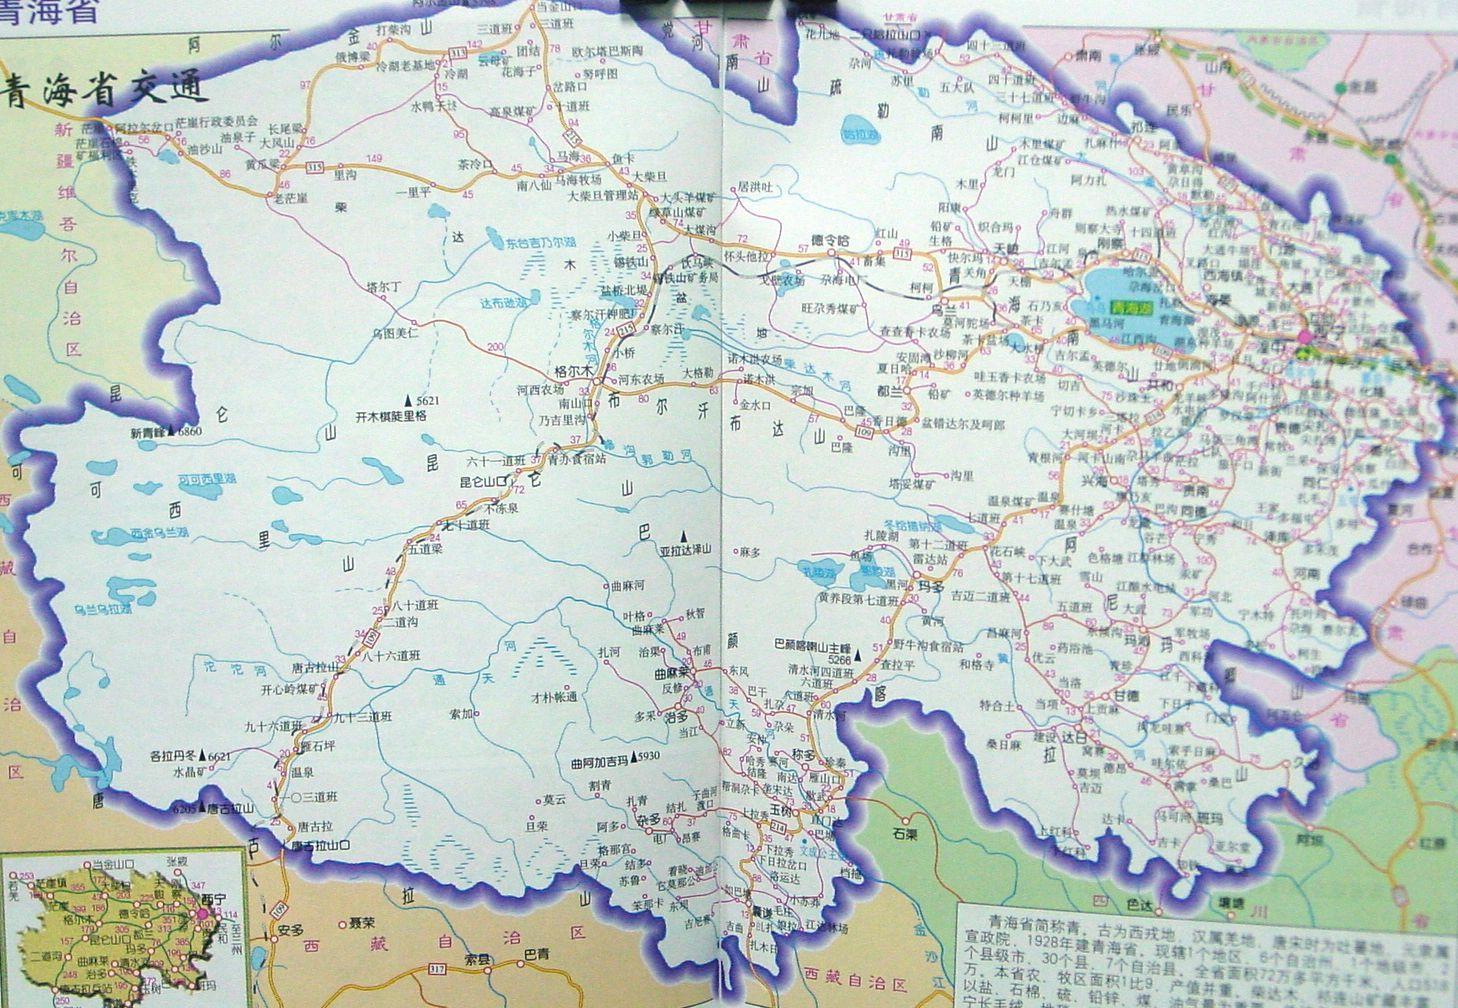 青海地图全图 青海地图全图大图 青海地图全图过马营